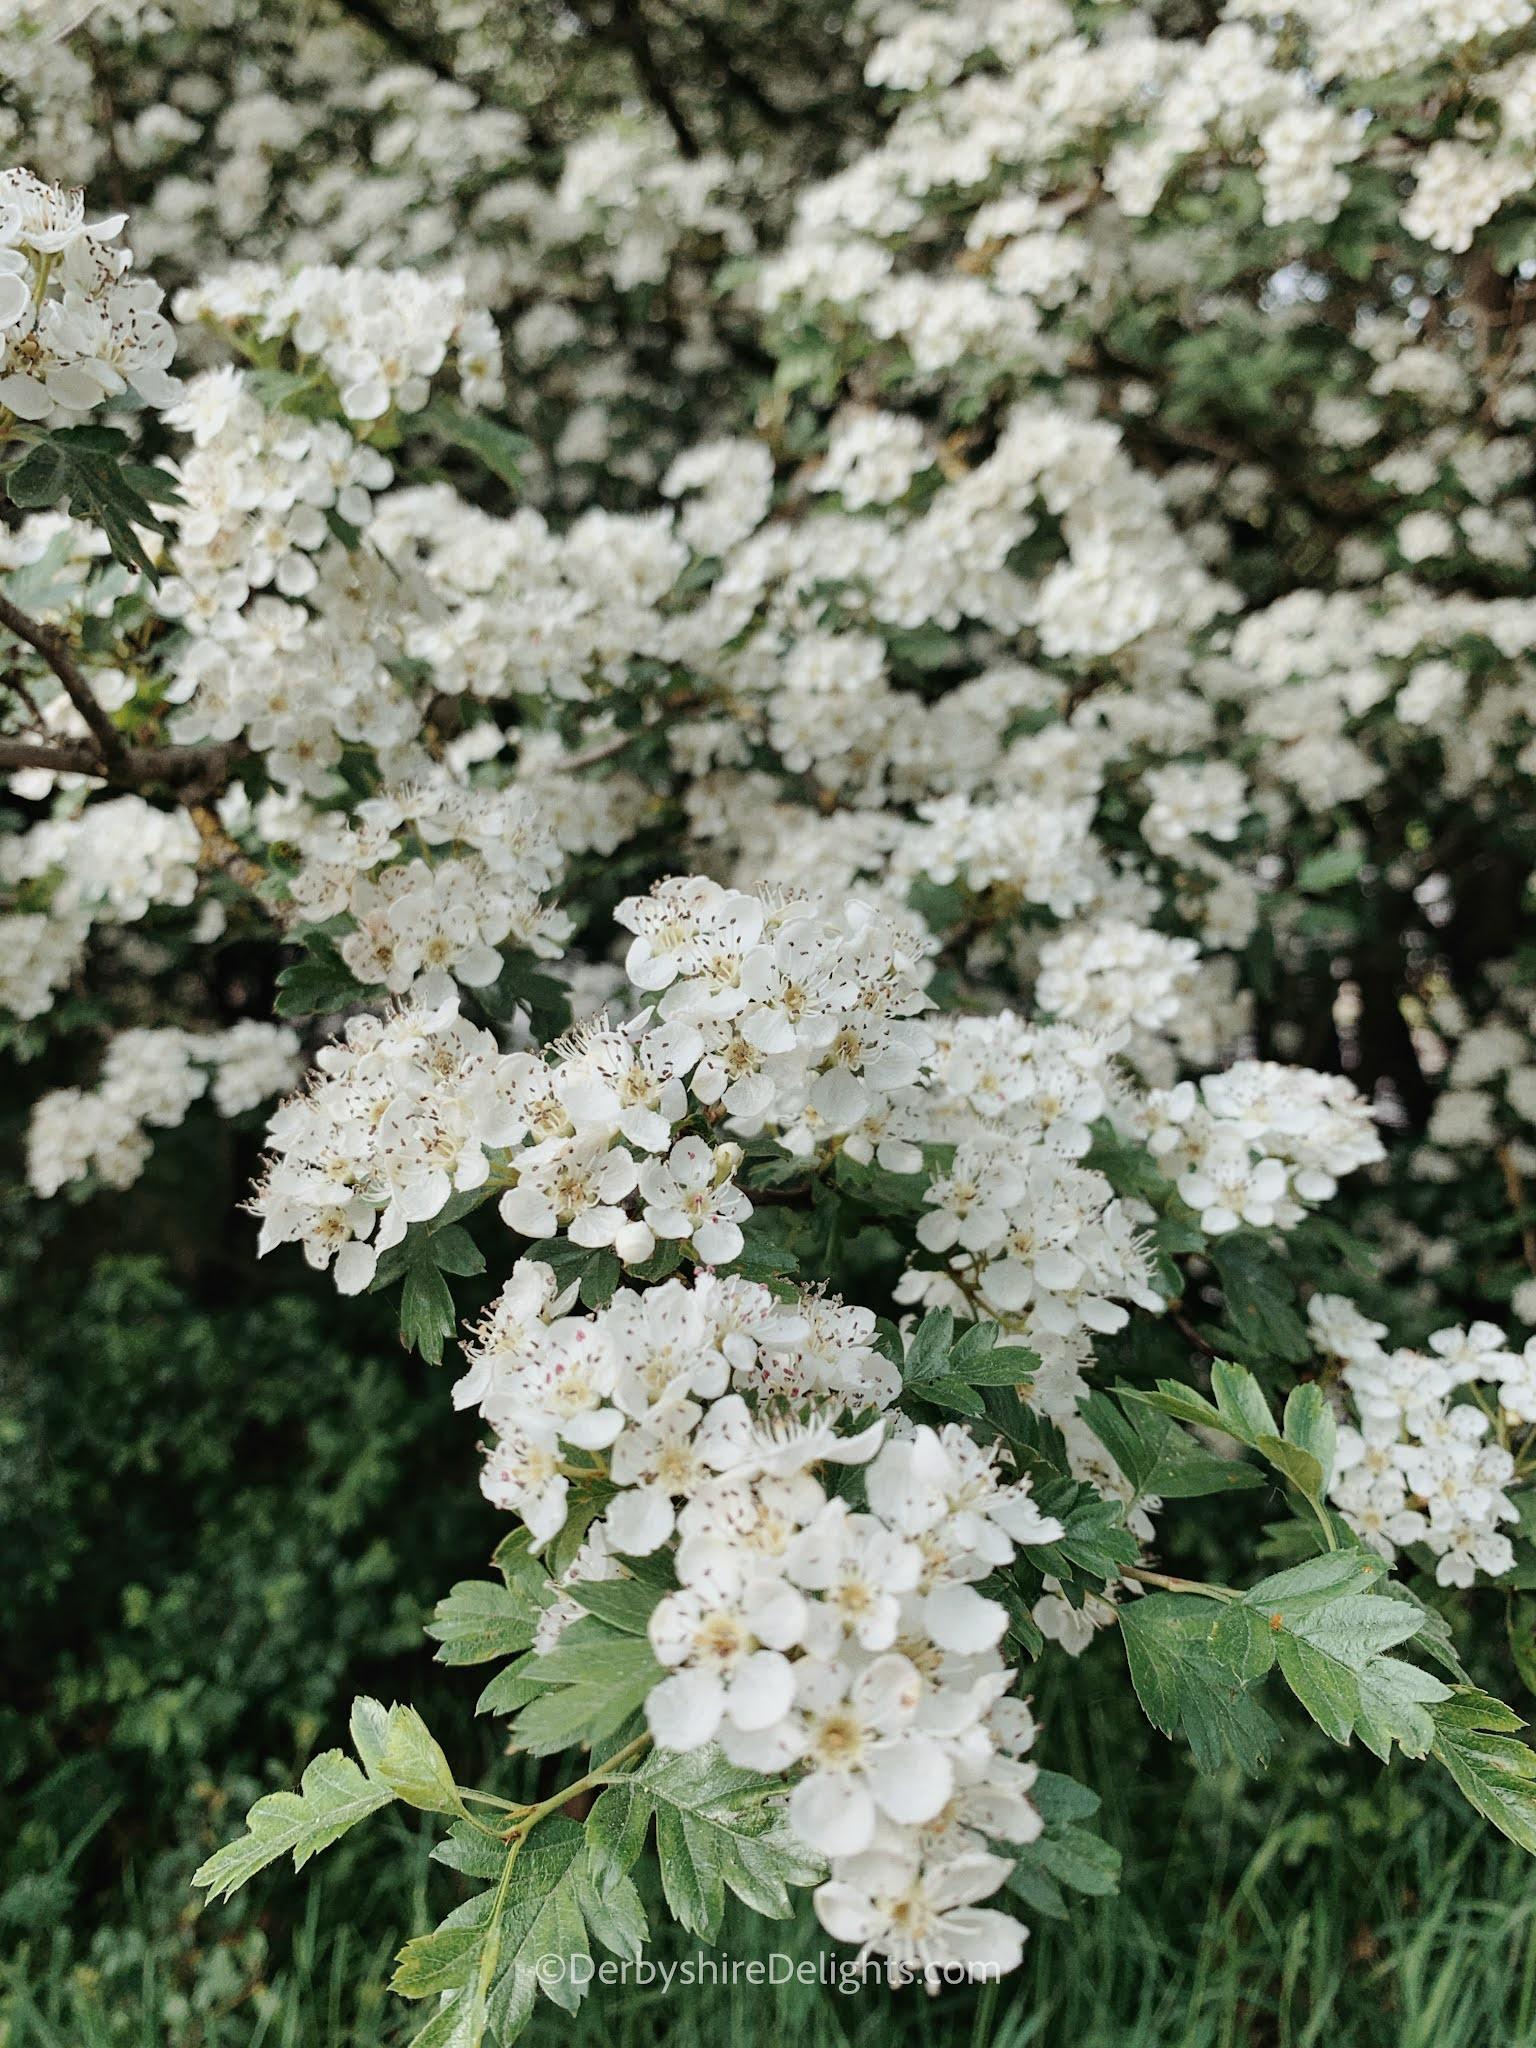 ©DerbyshireDelights.com, Chatsworth, Park, Derbyshire